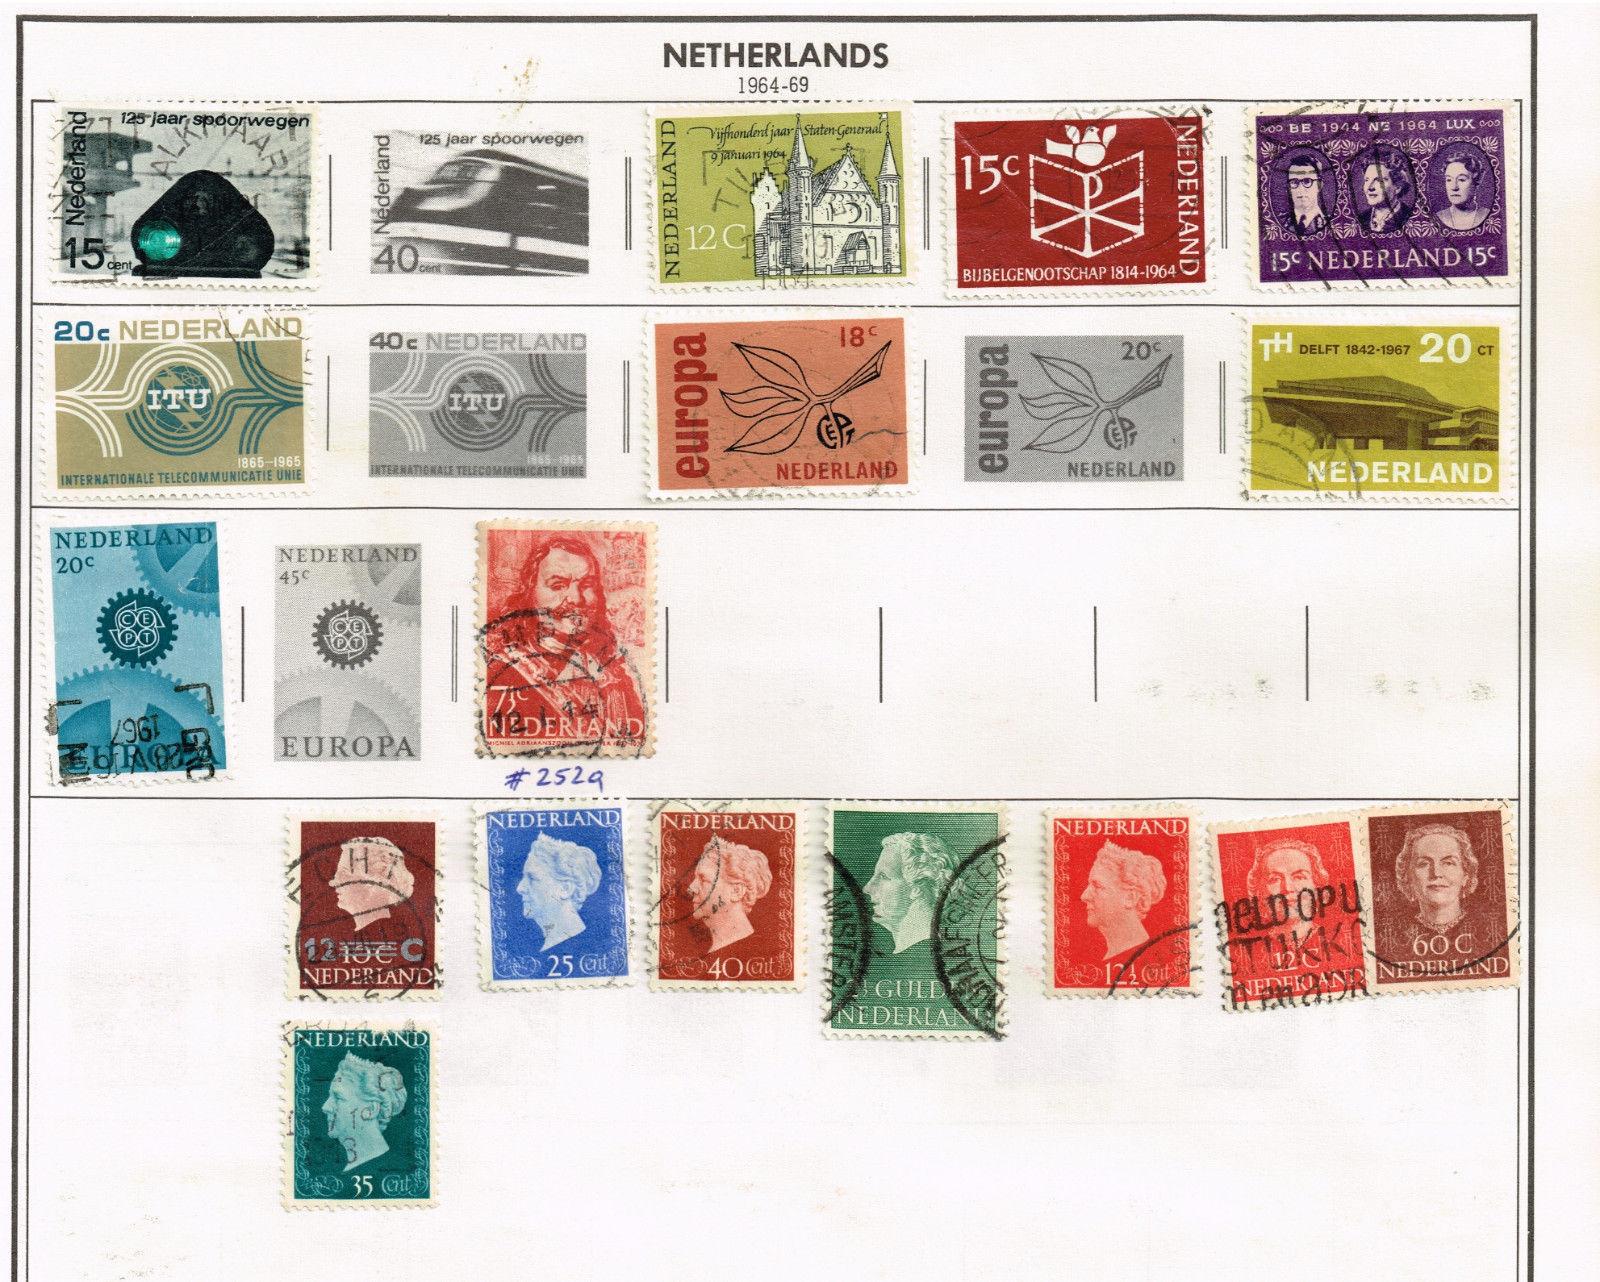 112 Netherlands 1944-1969 stamps